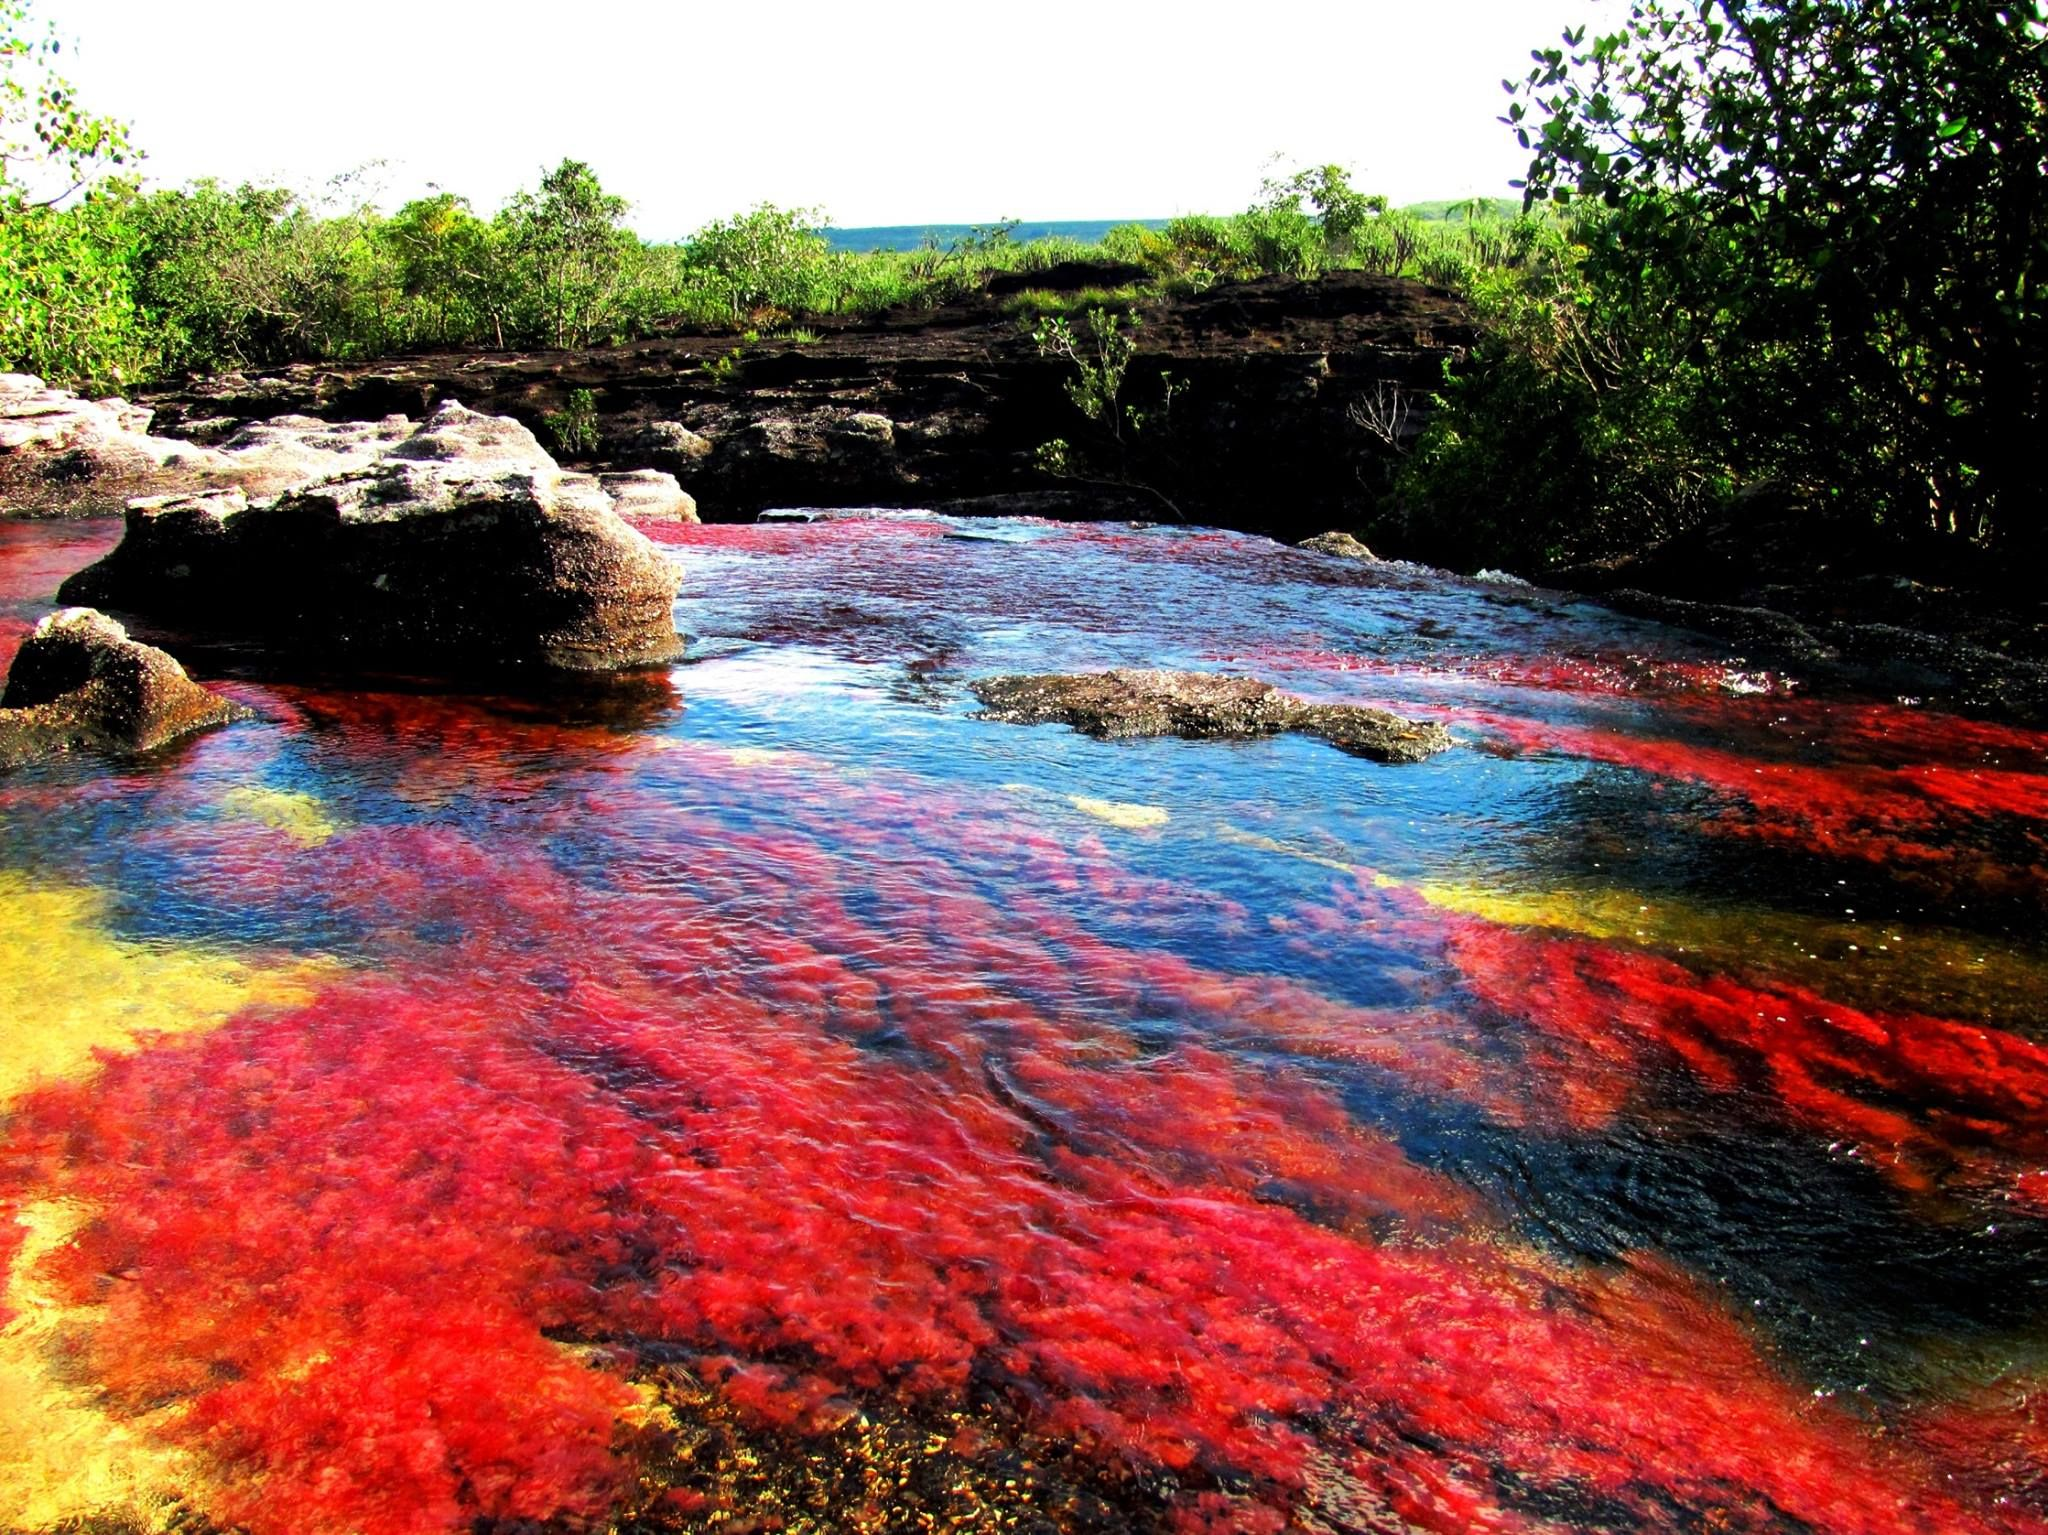 El Río De Los 5 Colores En Colombia Conocido Como El Río Más Hermoso Del Mundo Lugares Increibles Playas Hermosas Lugares Misteriosos